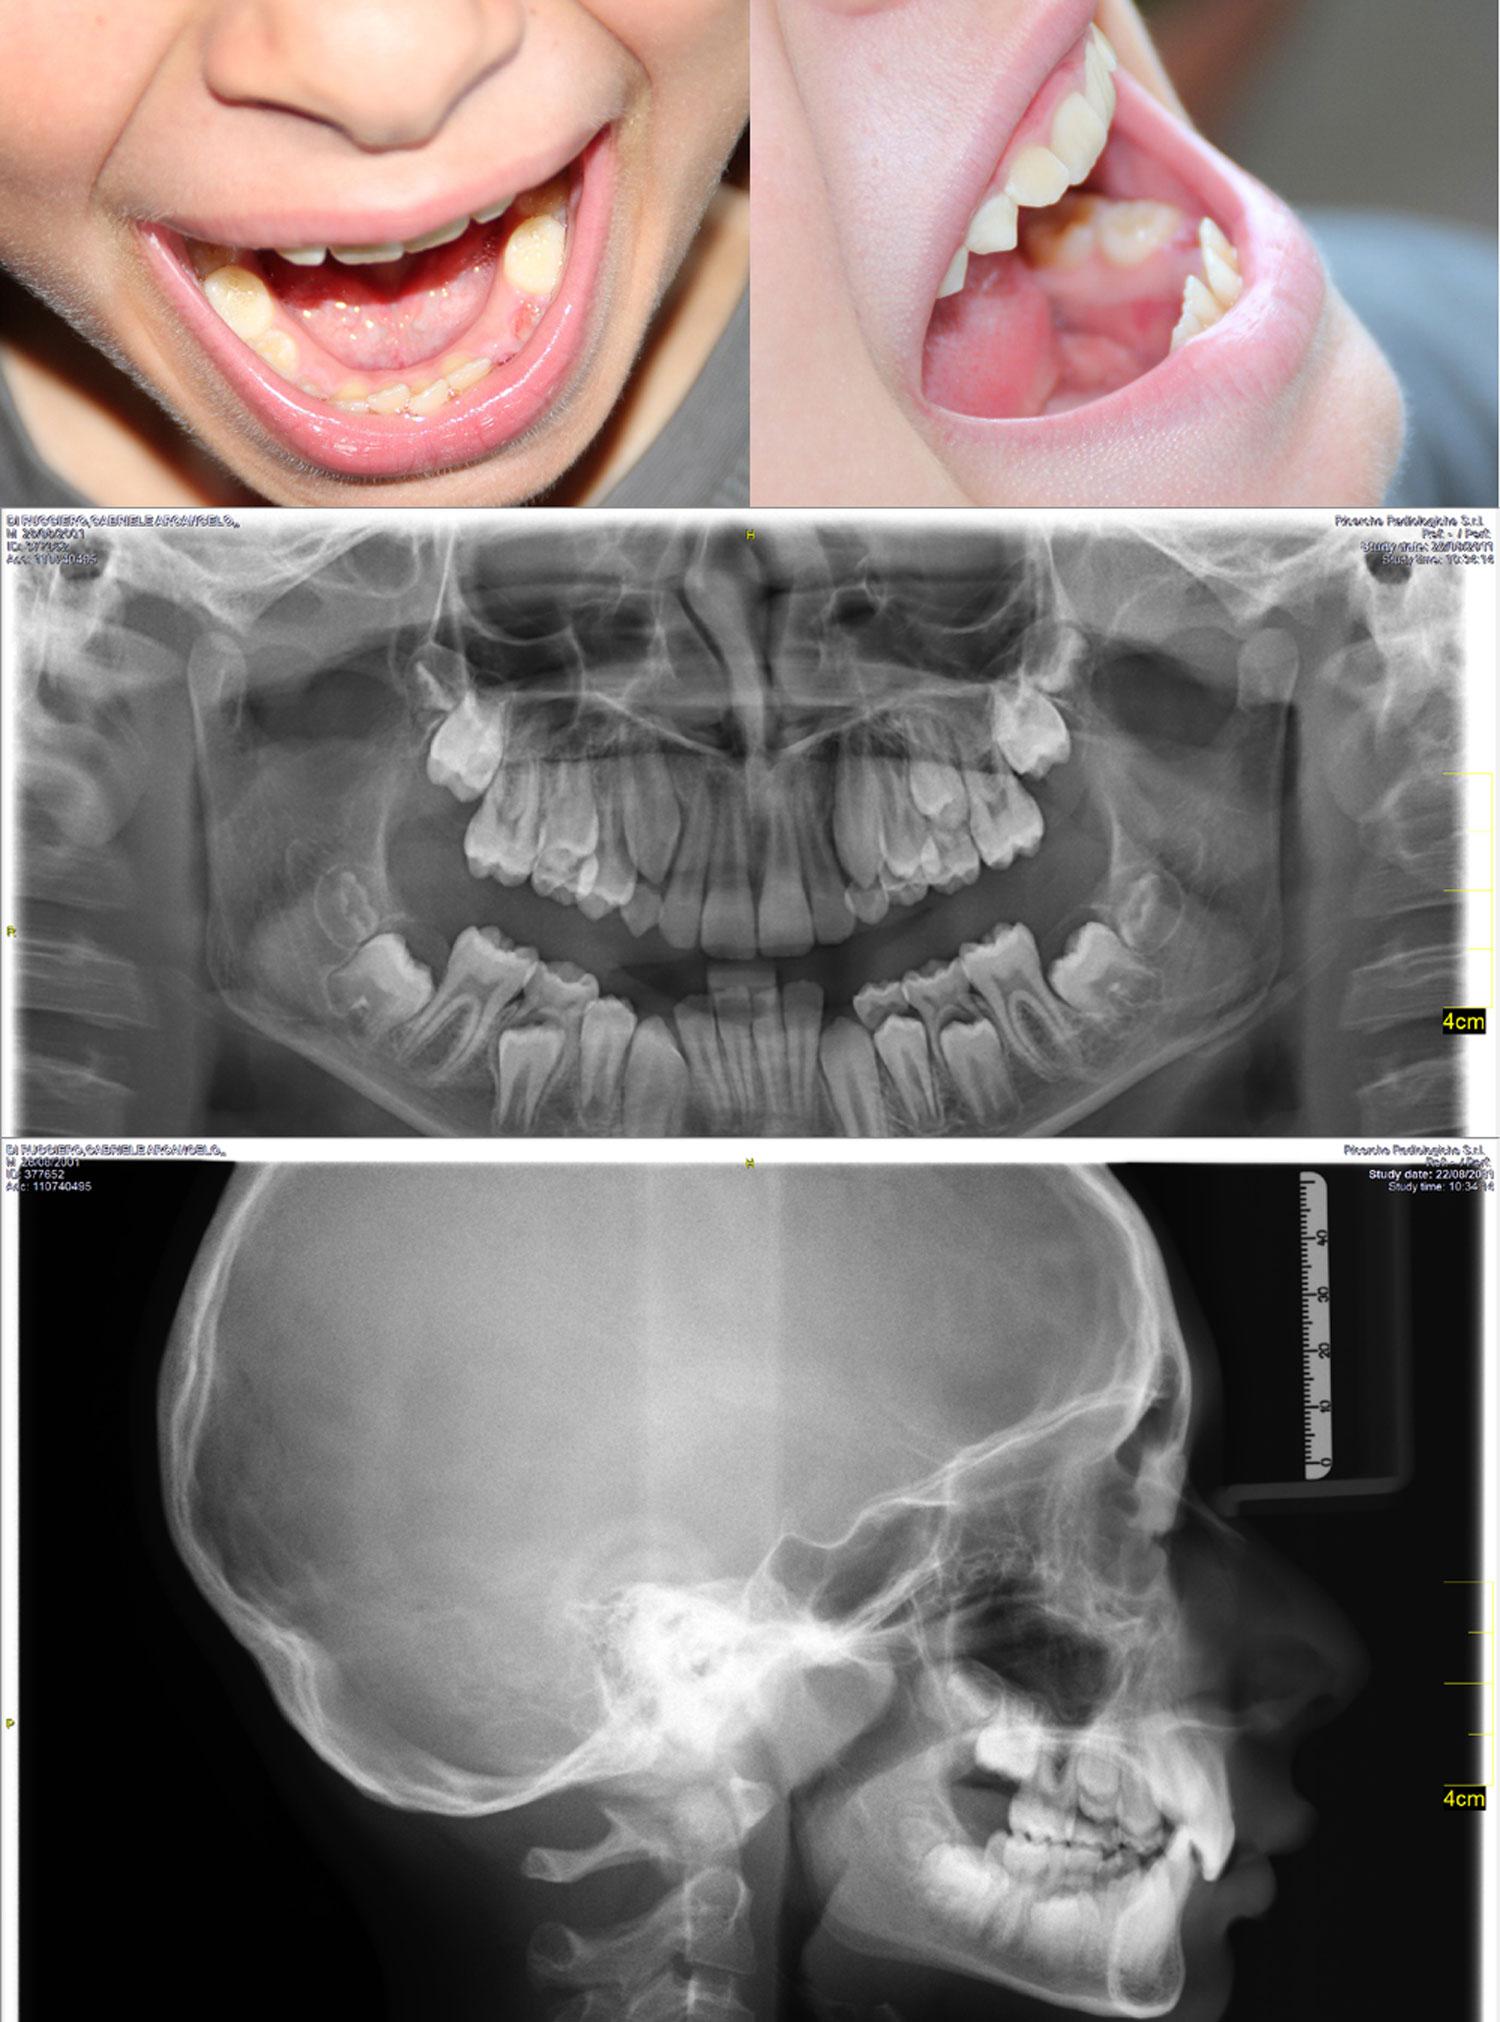 E' il caso o meno di intervenire con sussidi ortodontici?